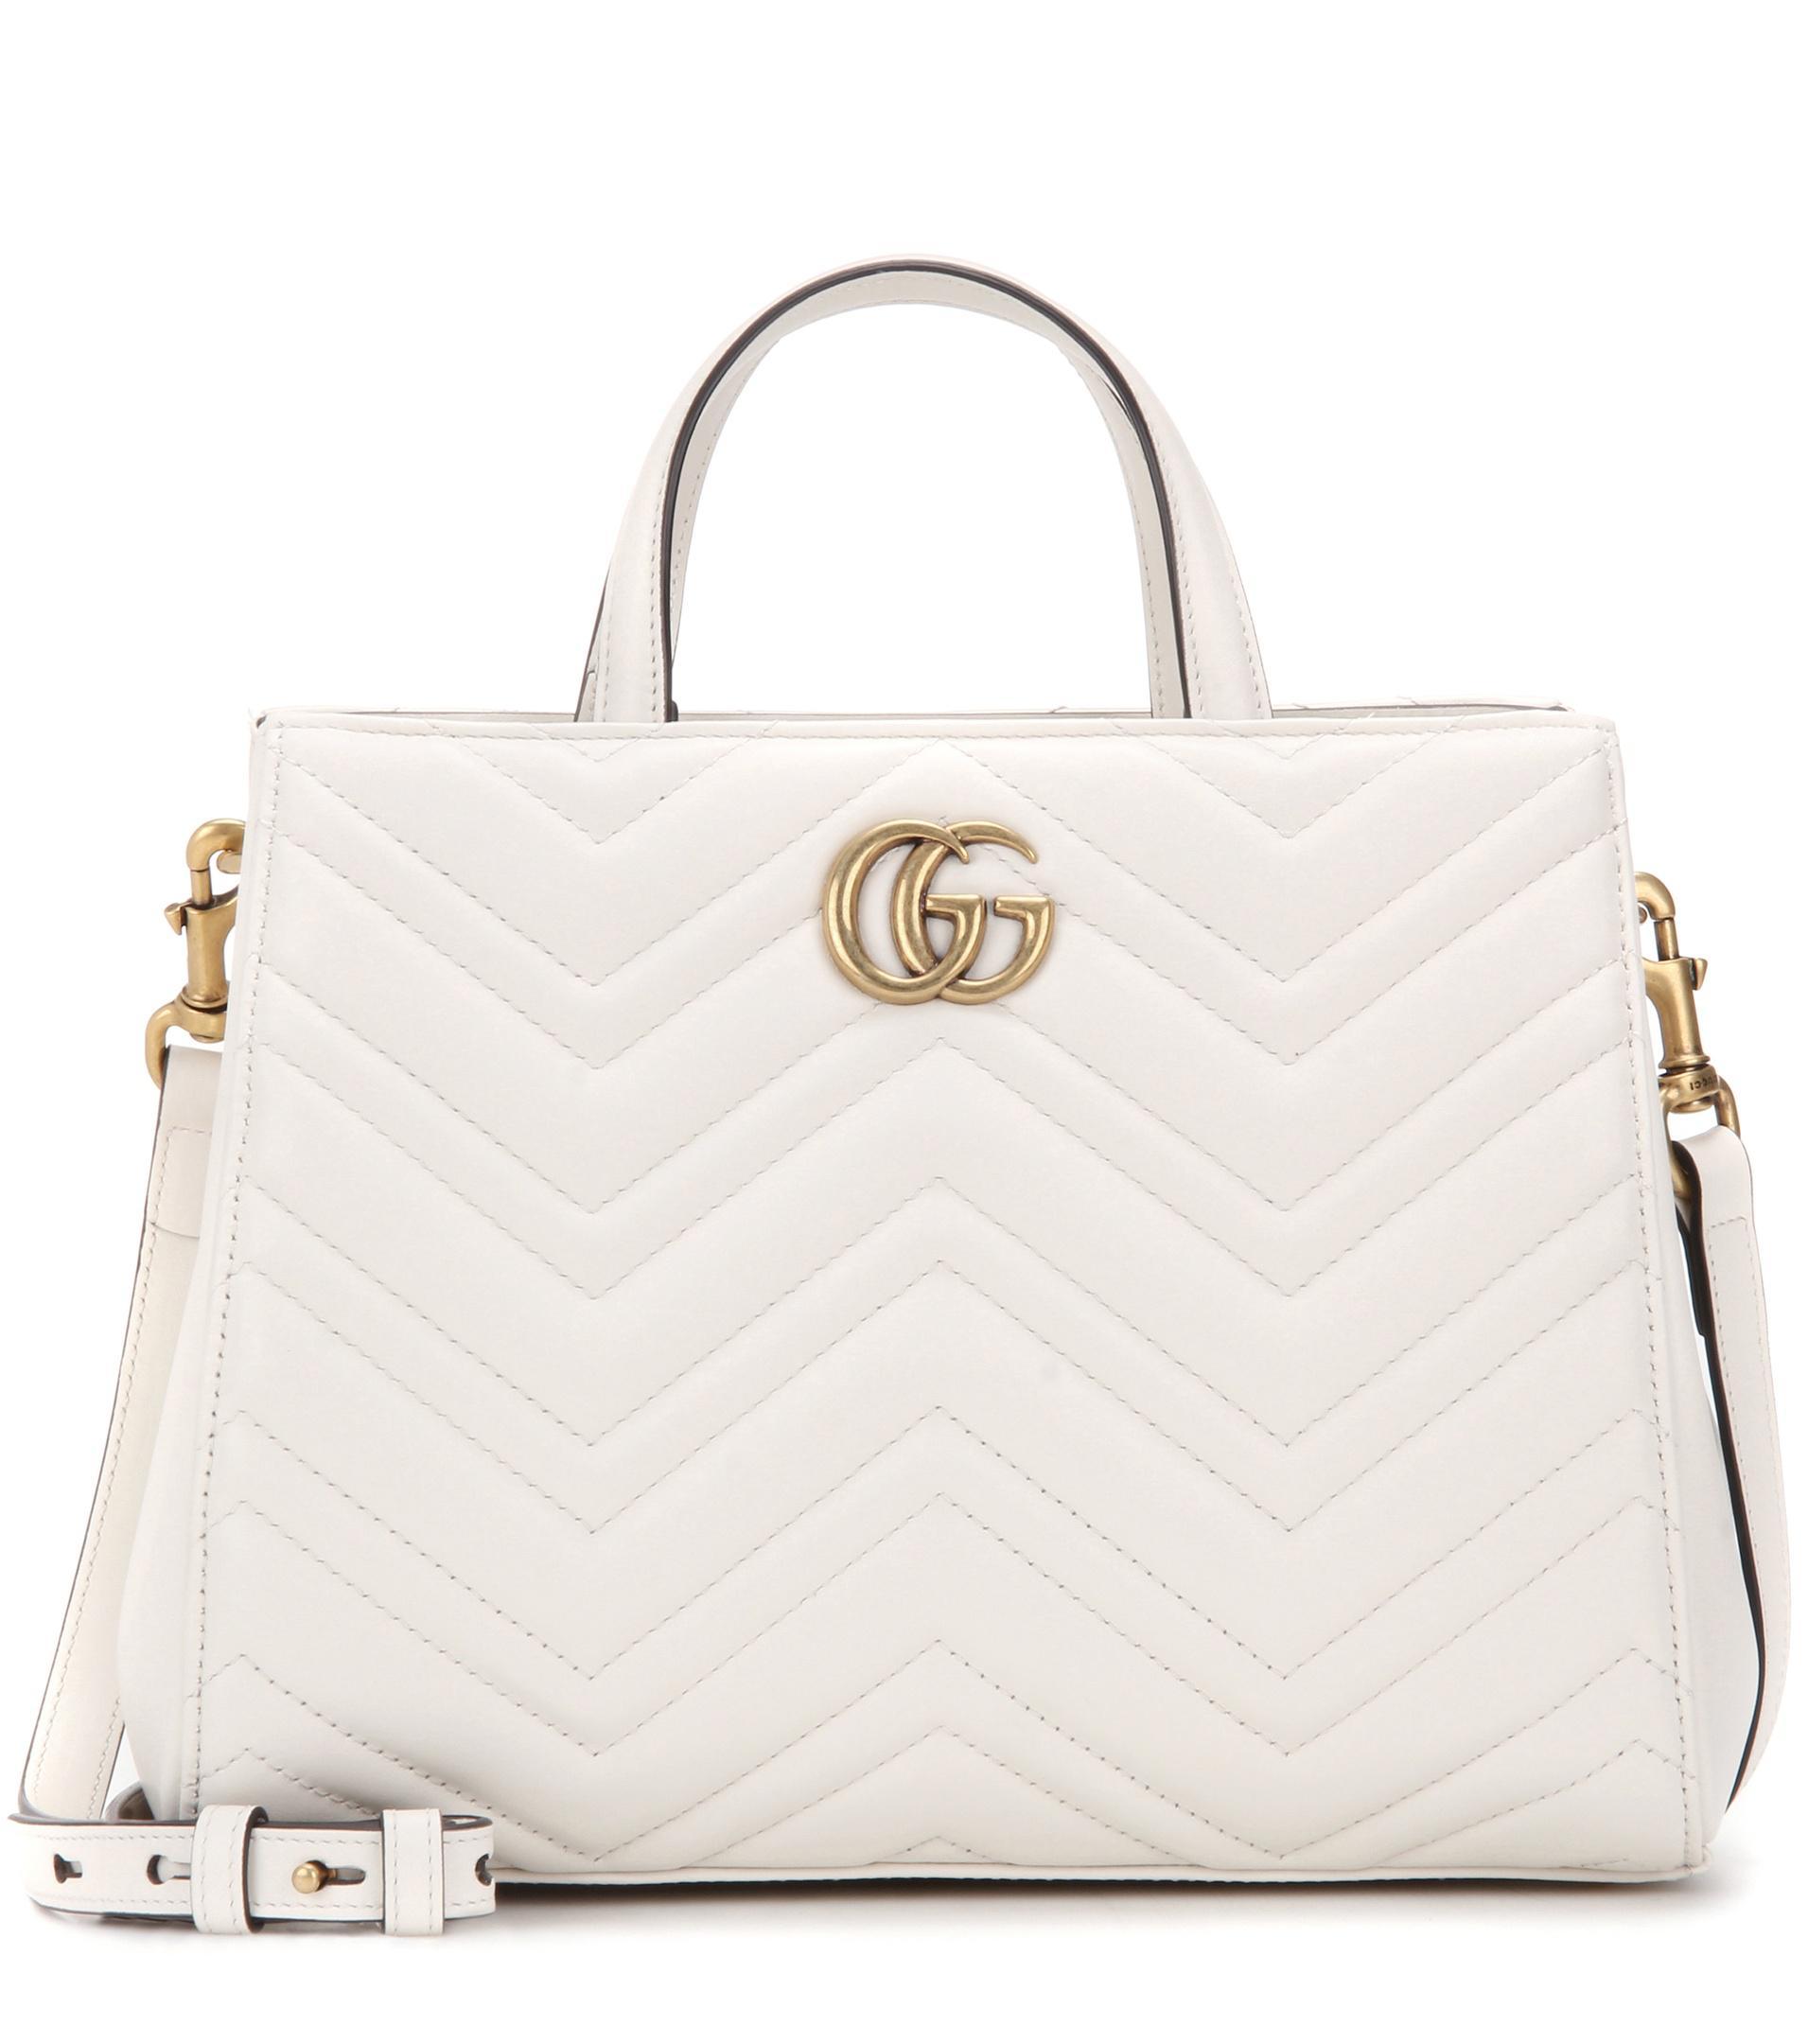 0da22e2cc Gucci Gg Marmont Small Matelassé Leather Tote in White - Lyst